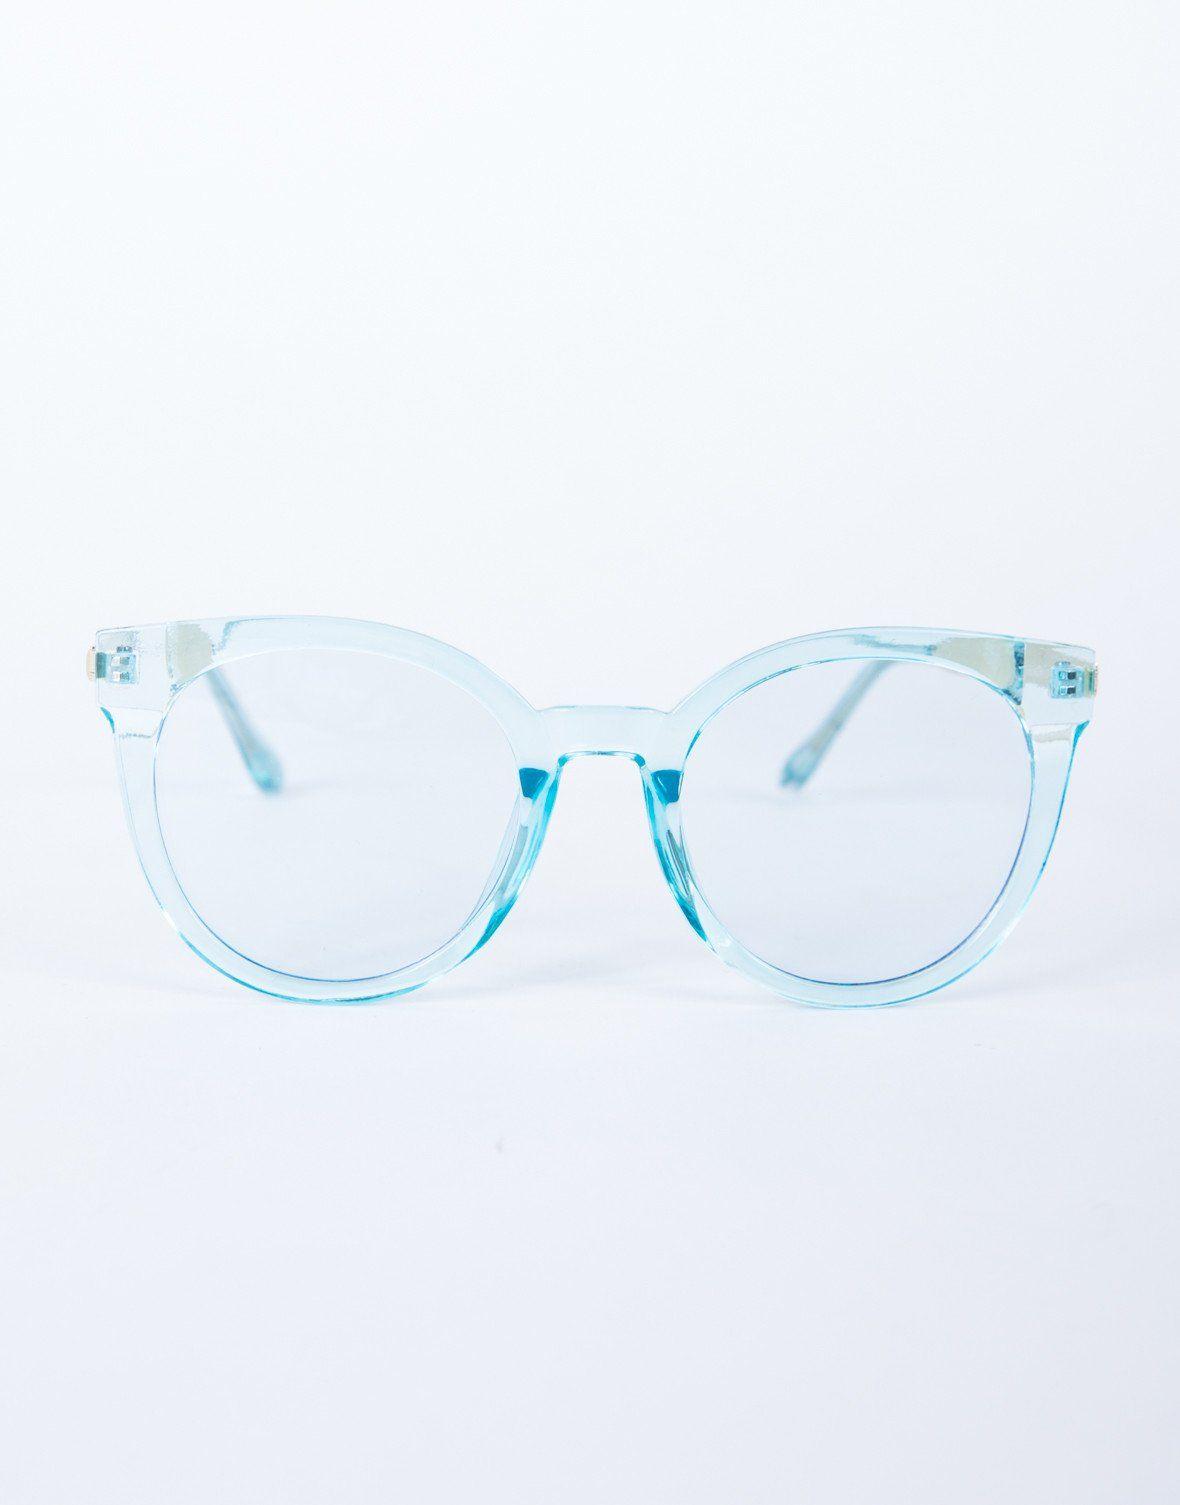 Colored Frame Transparent Glasses Retro Eyeglasses Glasses Retro Glasses